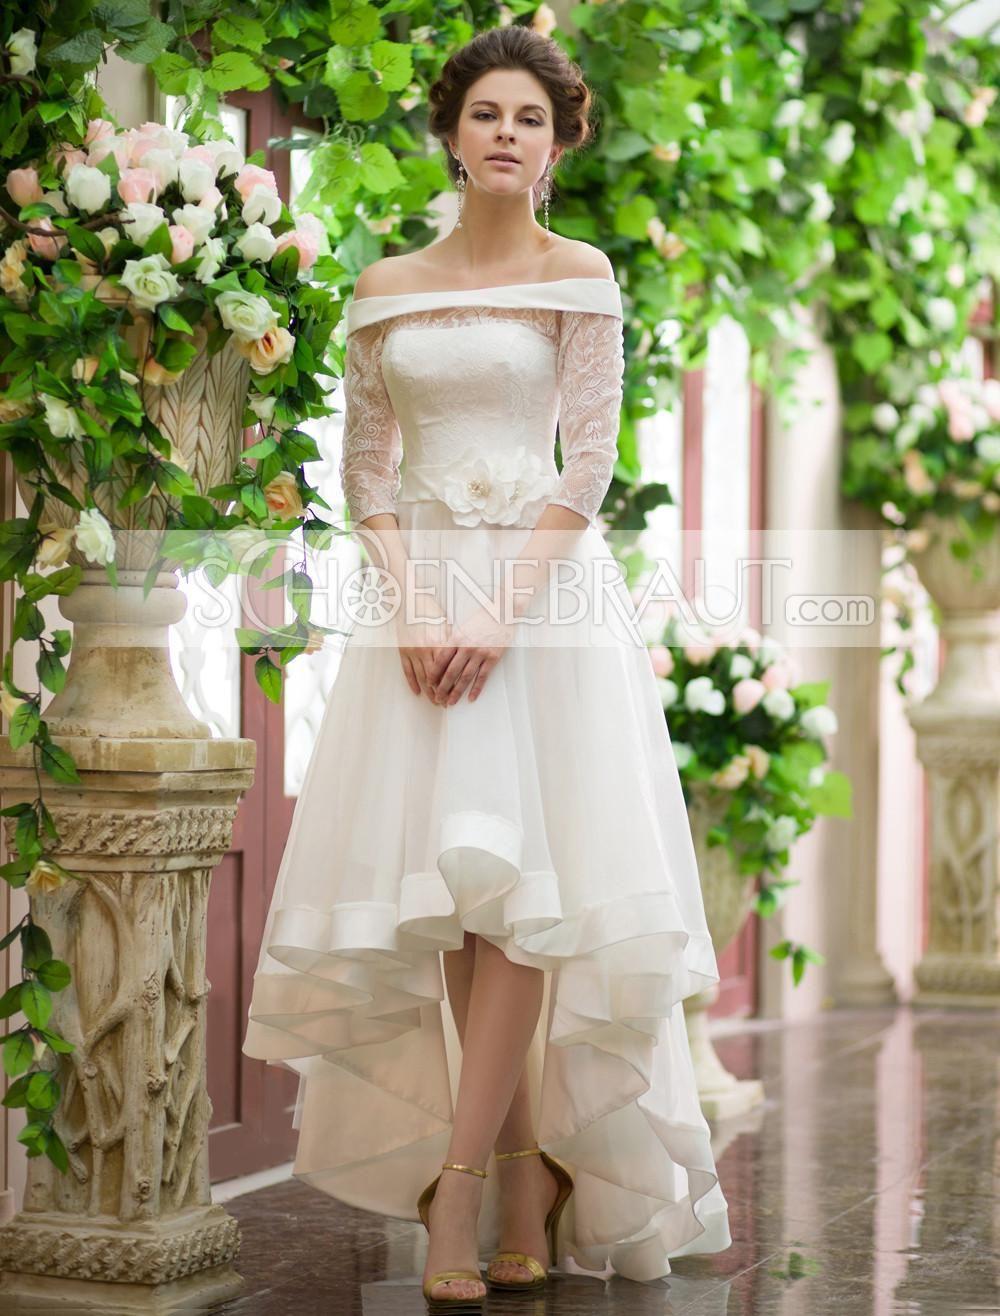 Brautkleid vorne kurz hinten lang mit Bateau Kragen aus Organza